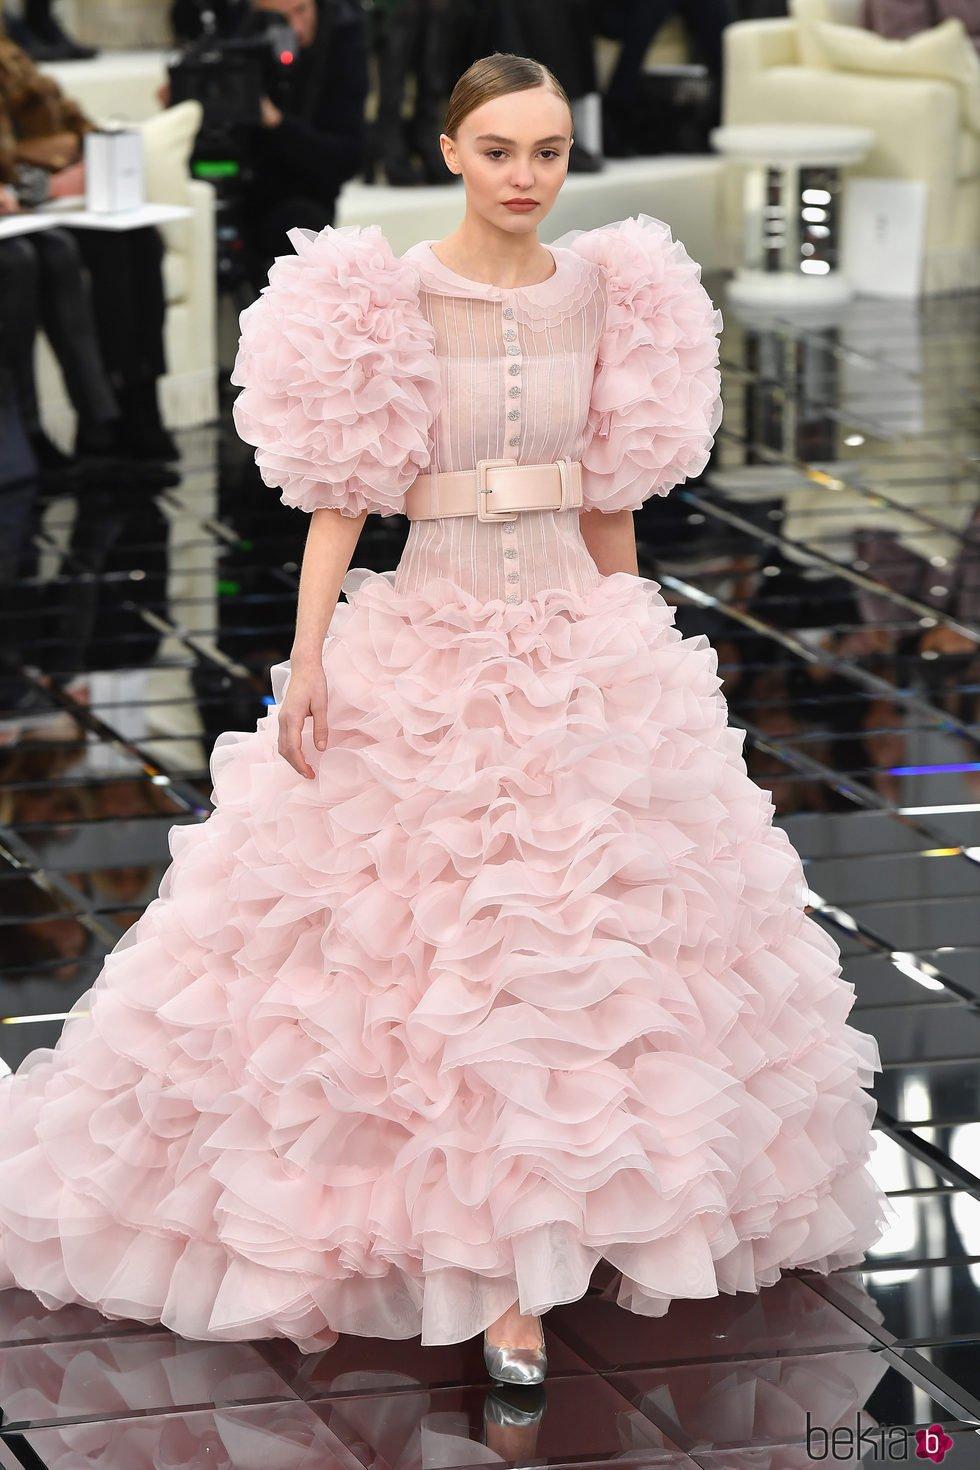 Encantador Vestidos De Novia Coco Chanel Foto - Colección de ...